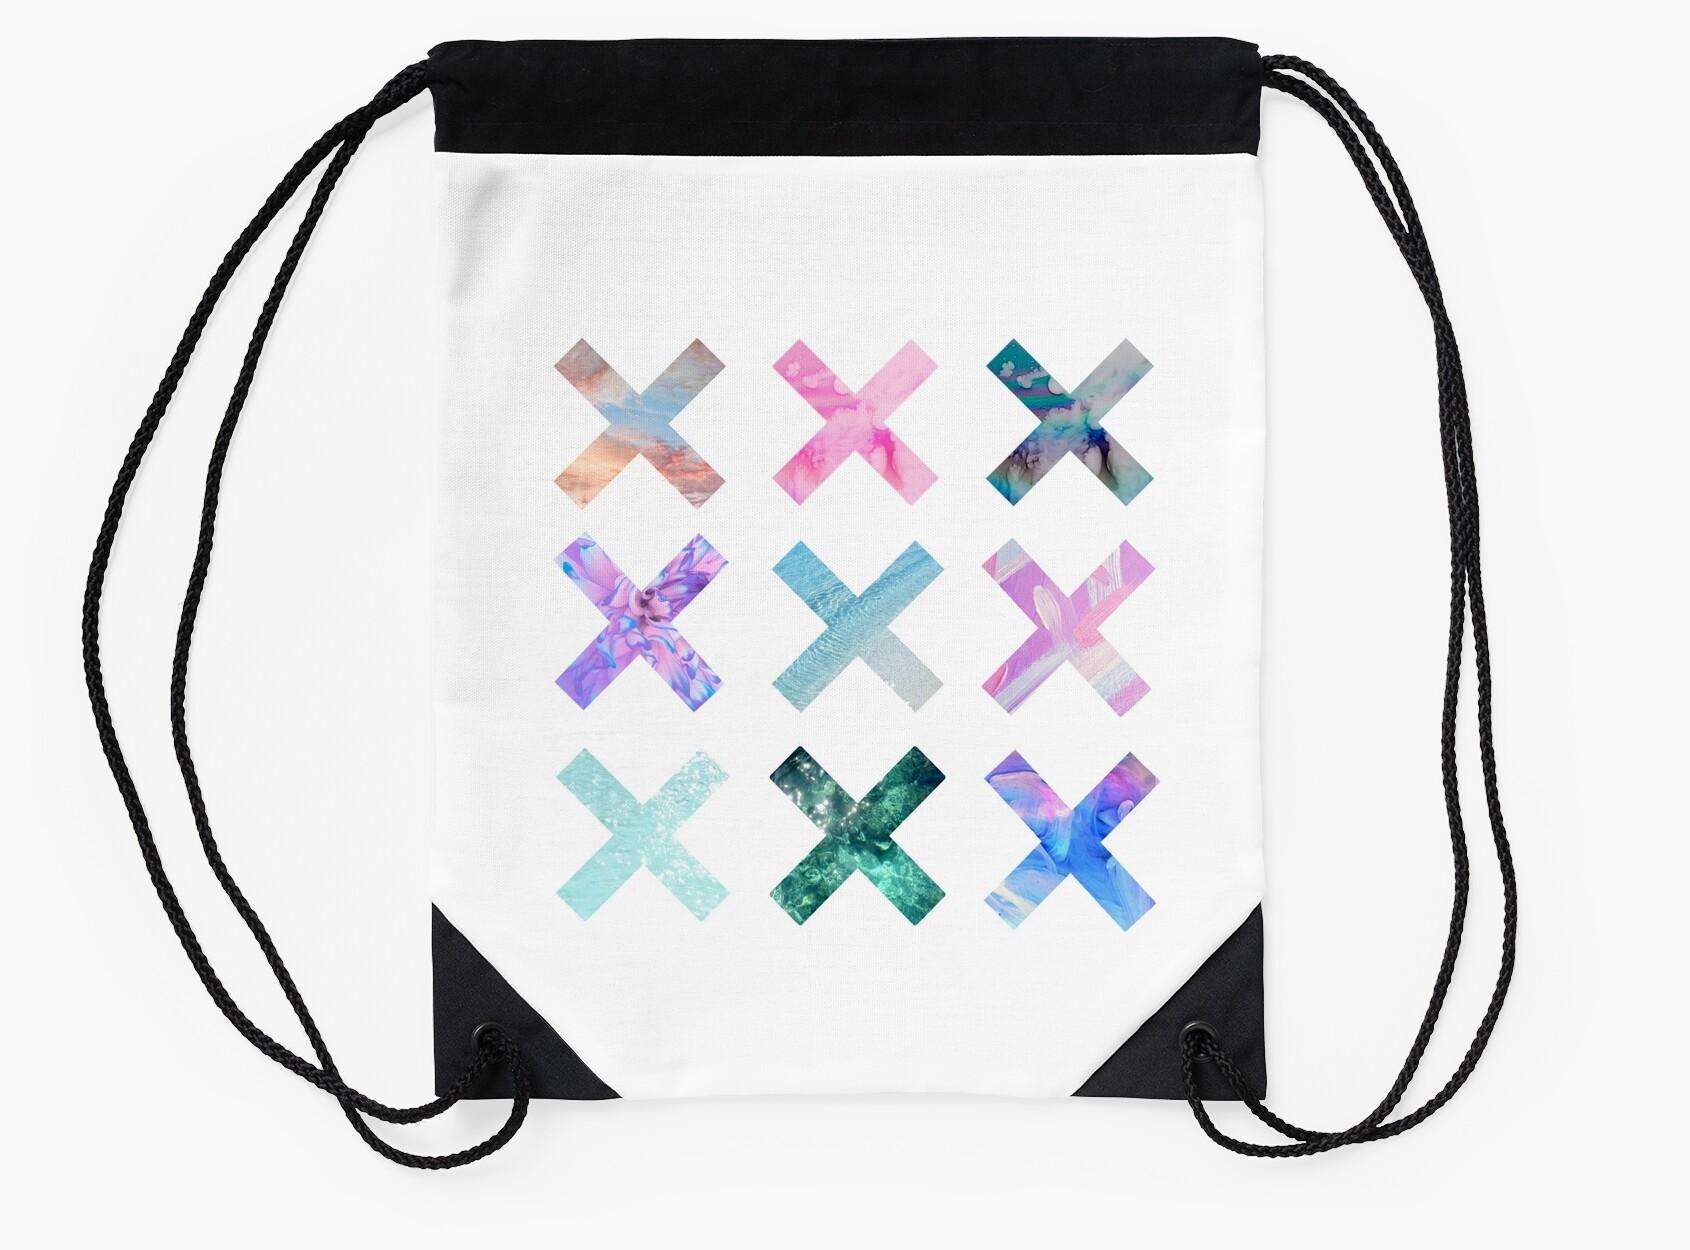 Tumblr x's design